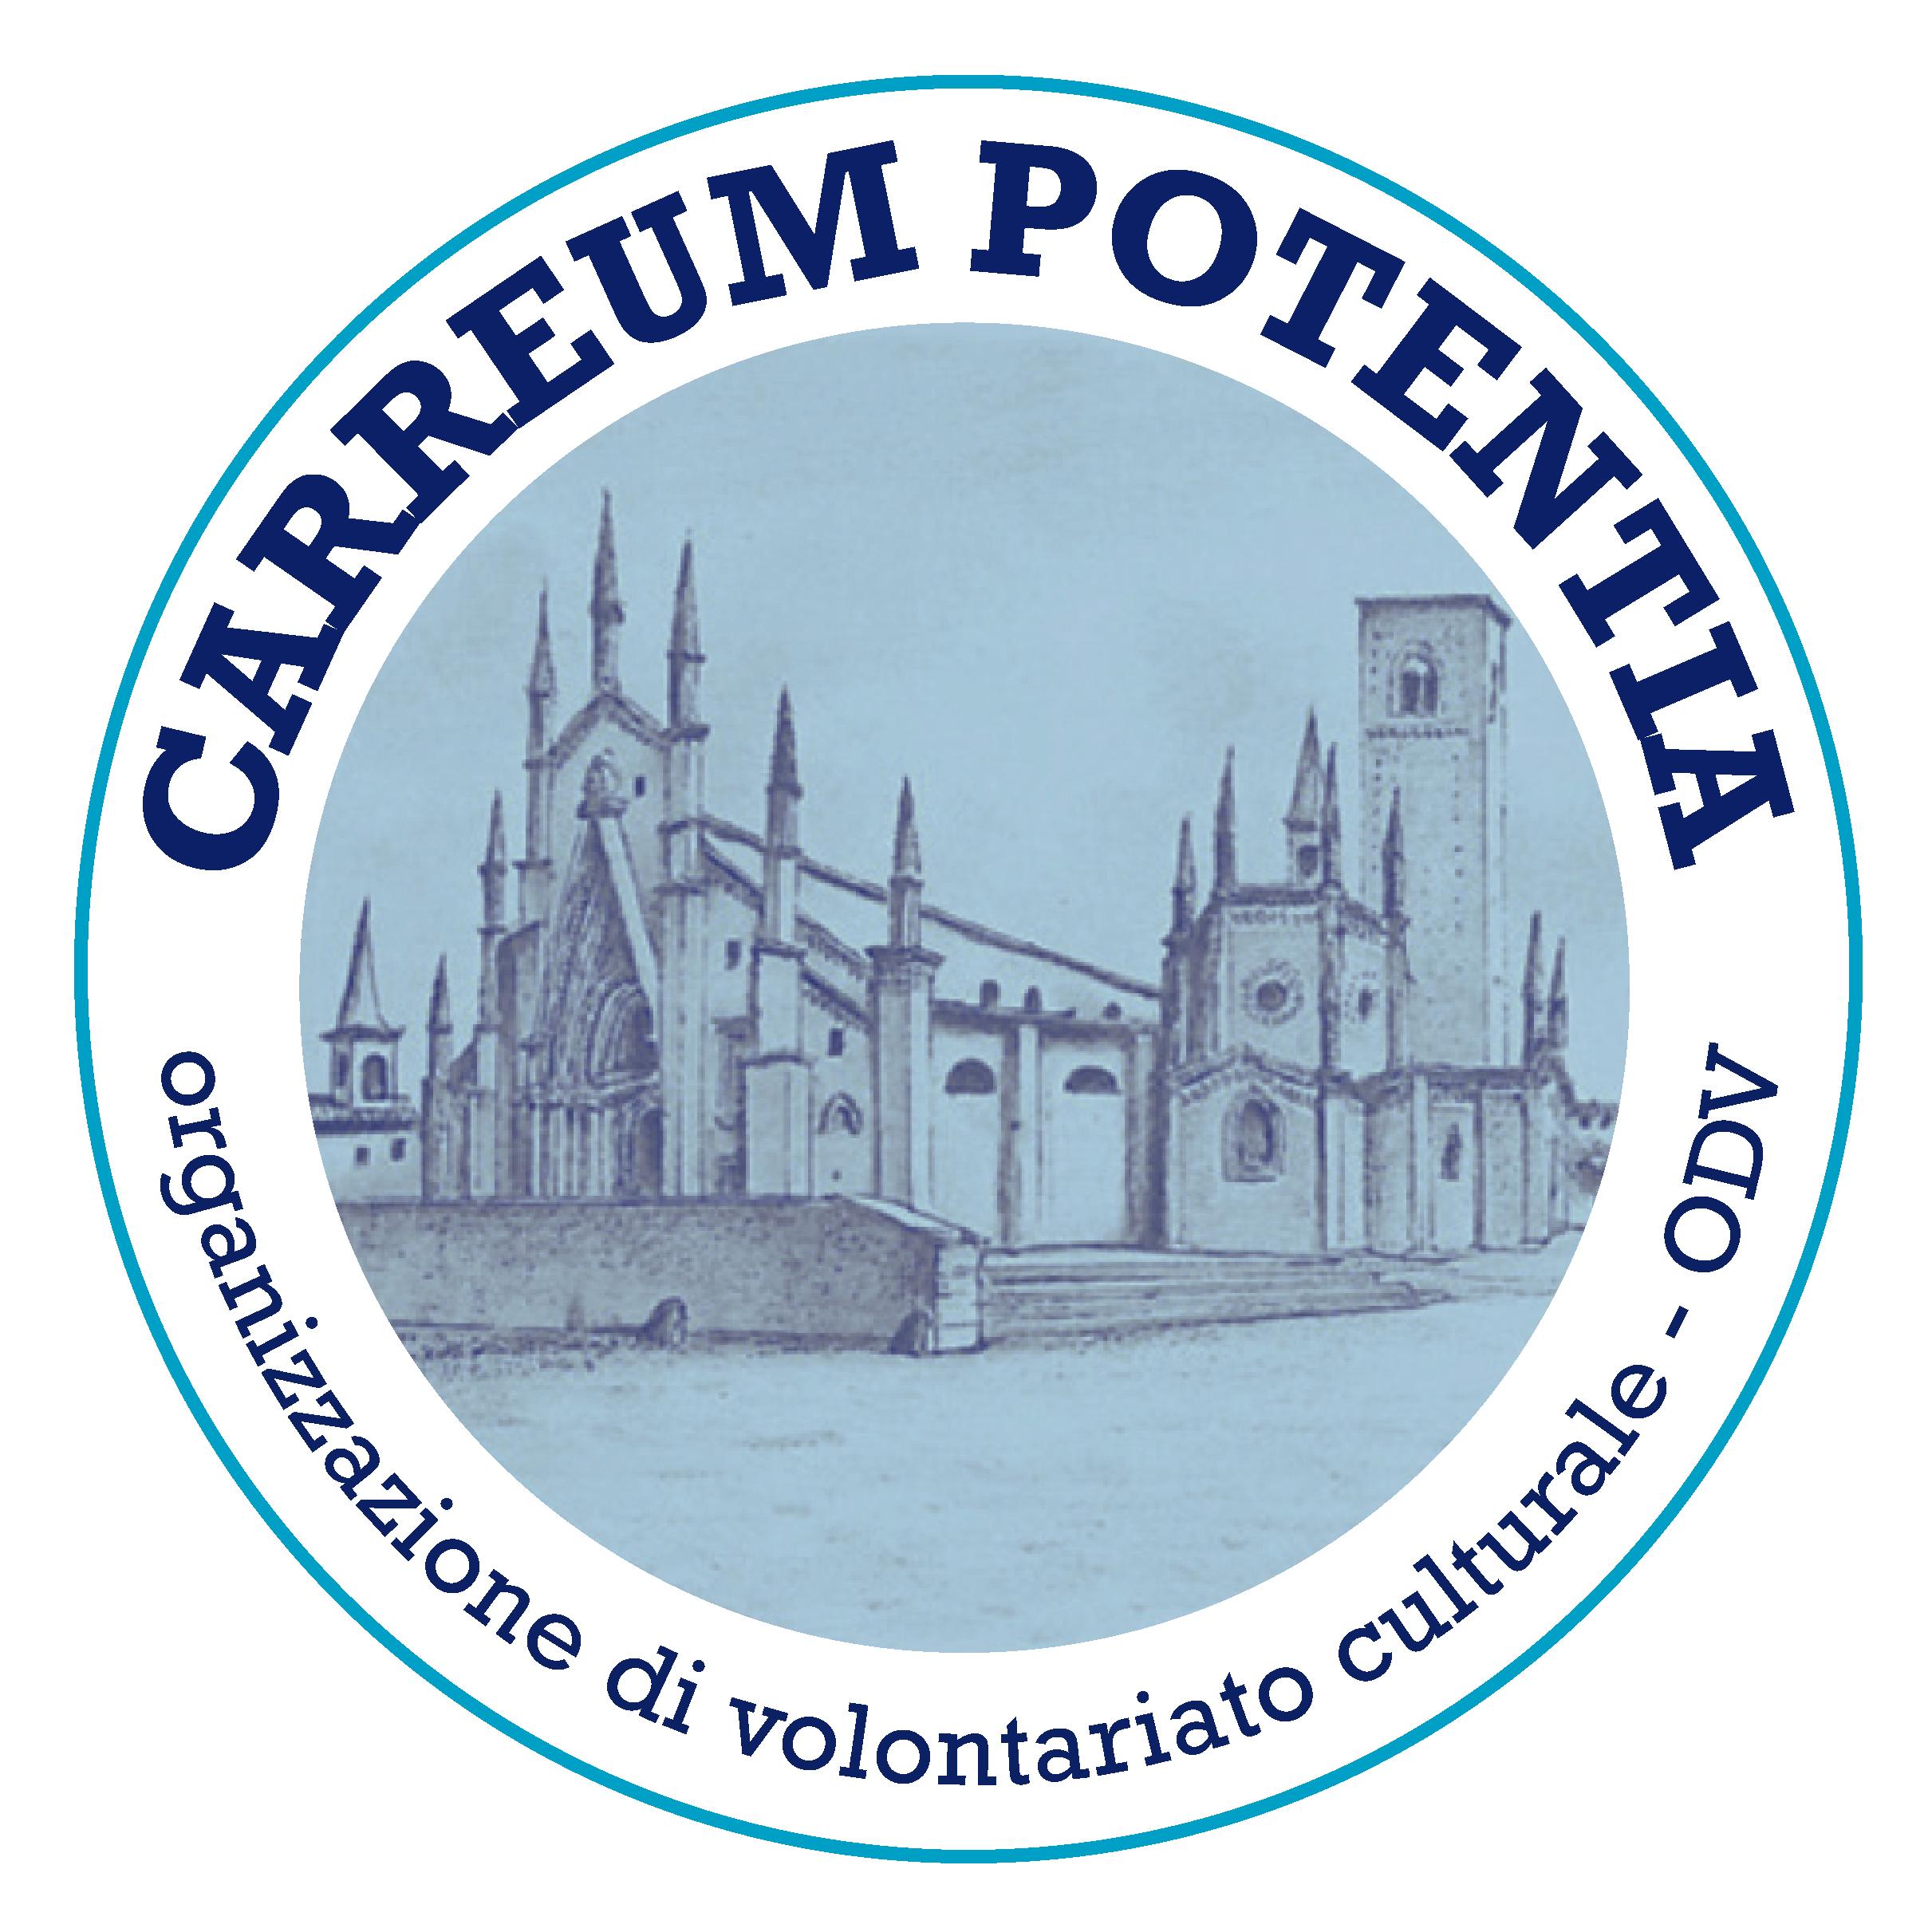 Carreum Potentia